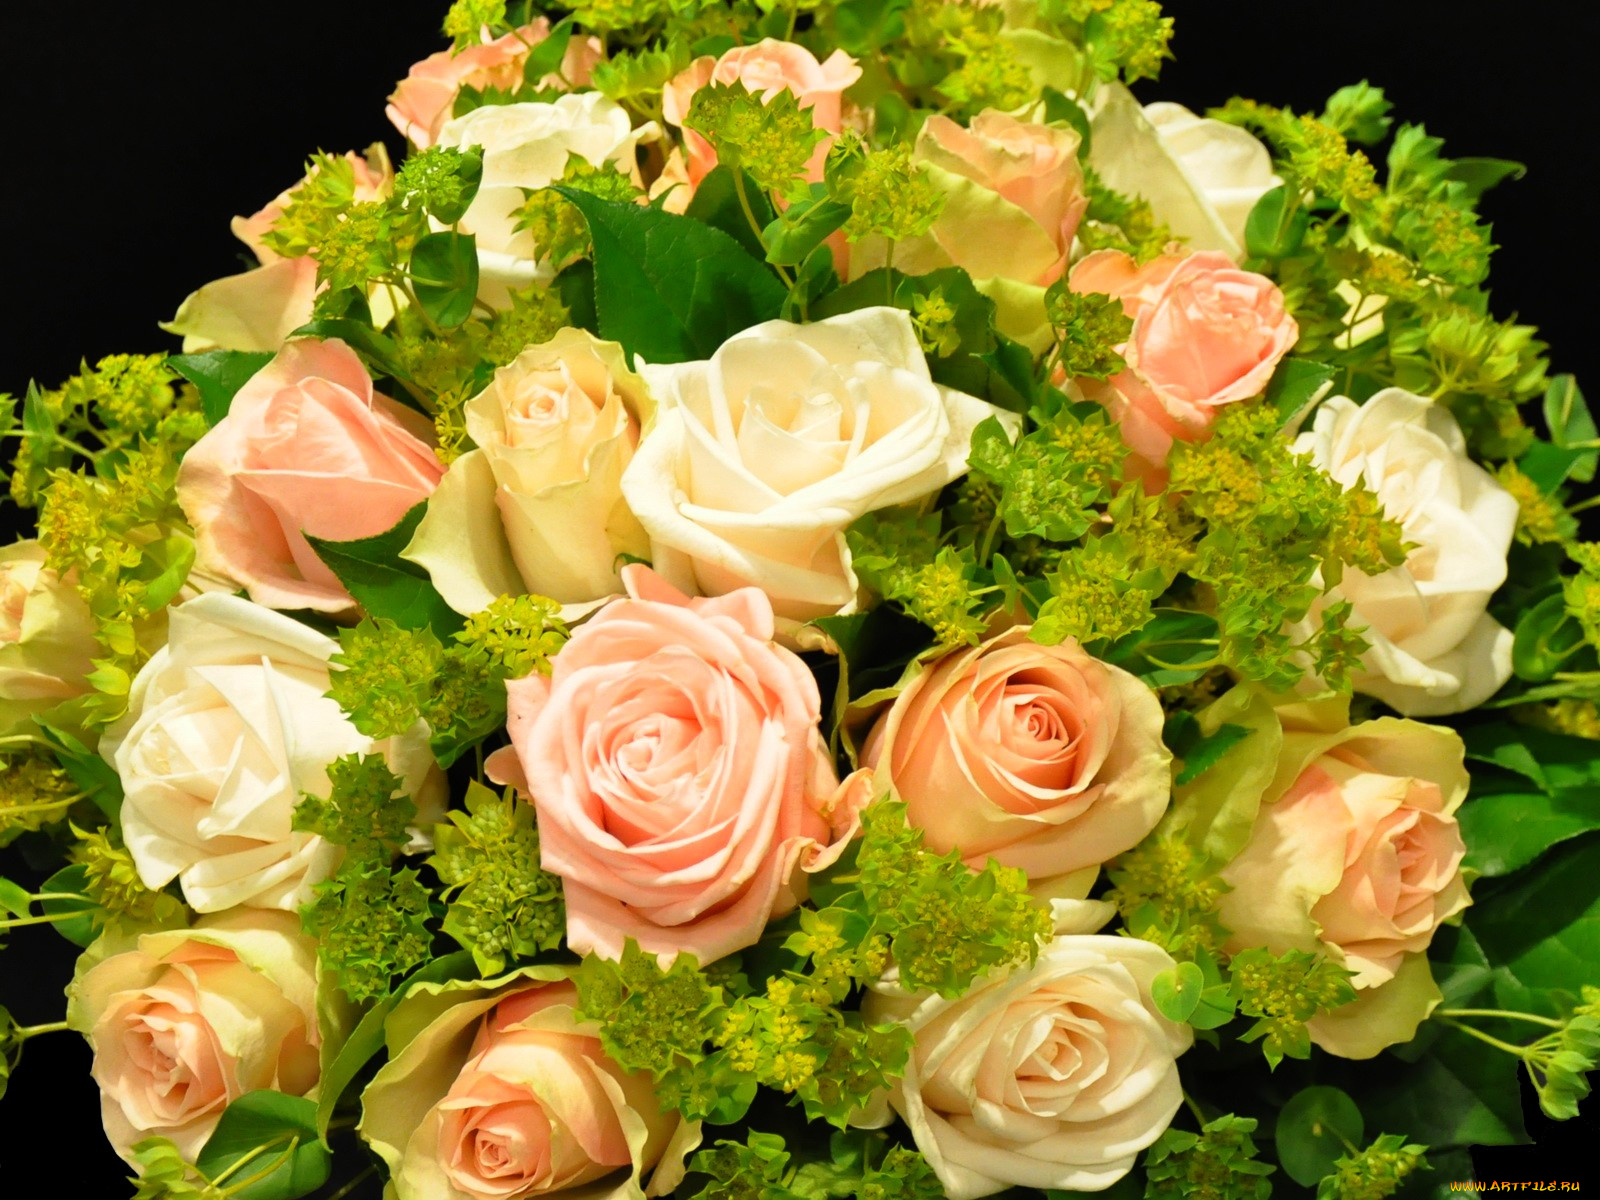 Розы для маргариты картинки